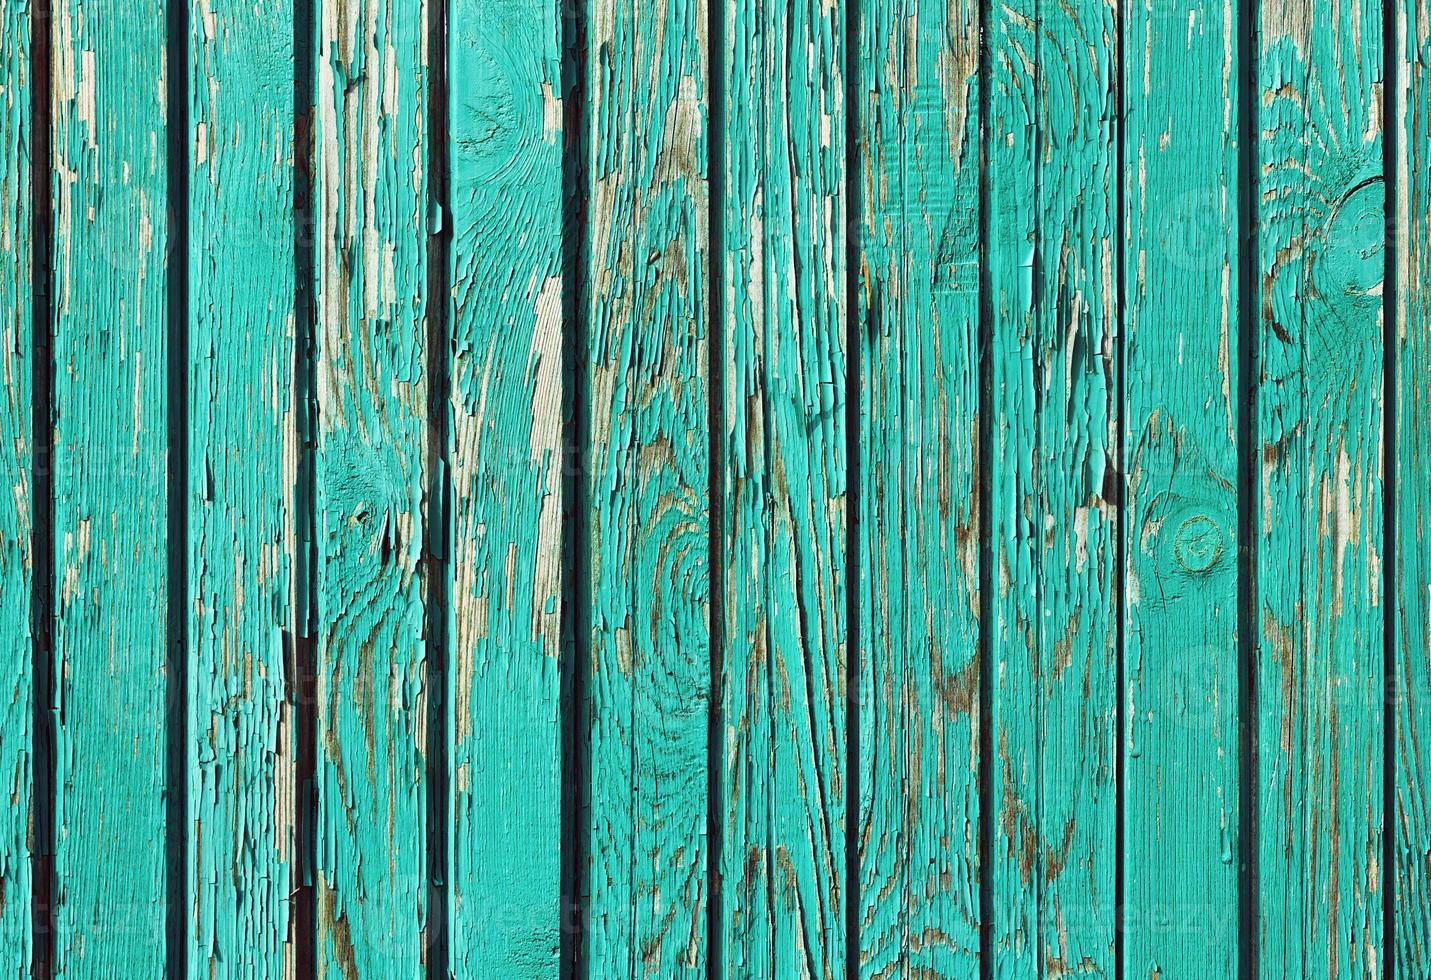 gamla shabby träplankor med knäckt färg, retro bakgrund foto